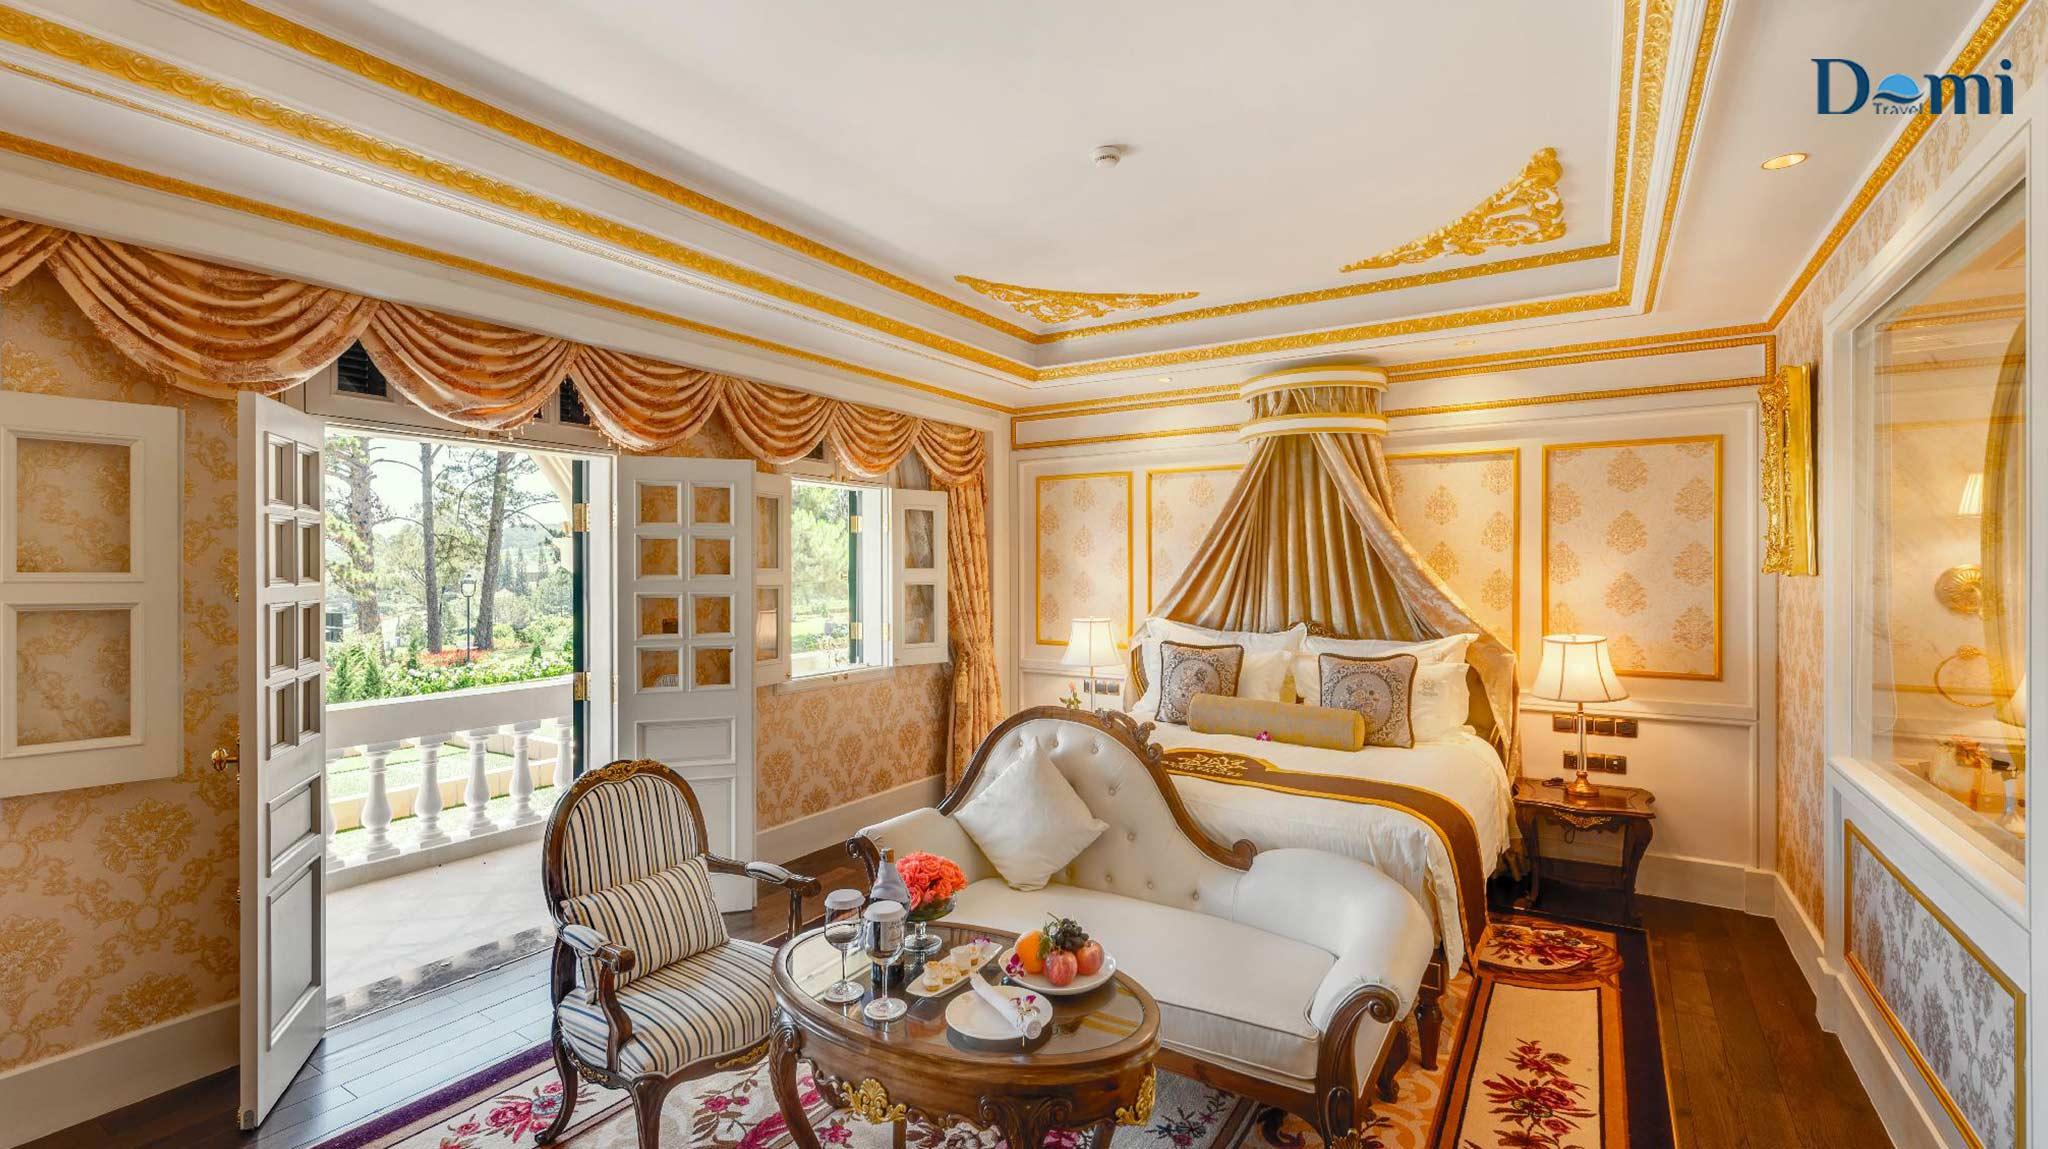 Bỏ túi các khách sạn Đà Lạt đẹp nhất năm 2020